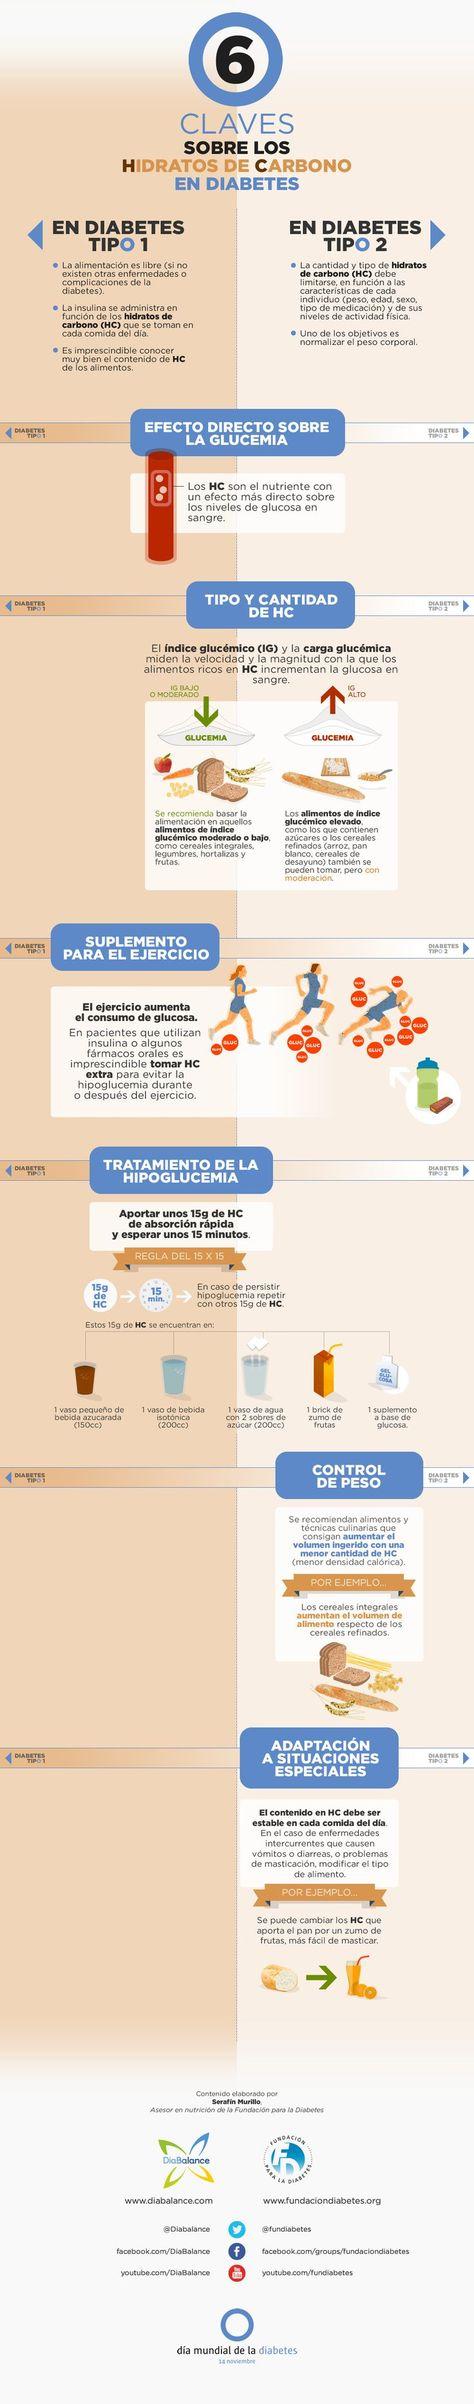 Claves sobre los hidratos de carbono y la diabetes Mantener los niveles de azúcar en sangre controlados significa prestar atención a lo que comes, además de tomar medicamentos como la insulina si es necesario. El médico también podría haberte mencionado que debes llevar un registro de la cantidad de hidratos de carbono (carbohidratos) que consumes. Pero, ¿qué son los hidratos de carbono y cómo afectan el azúcar …